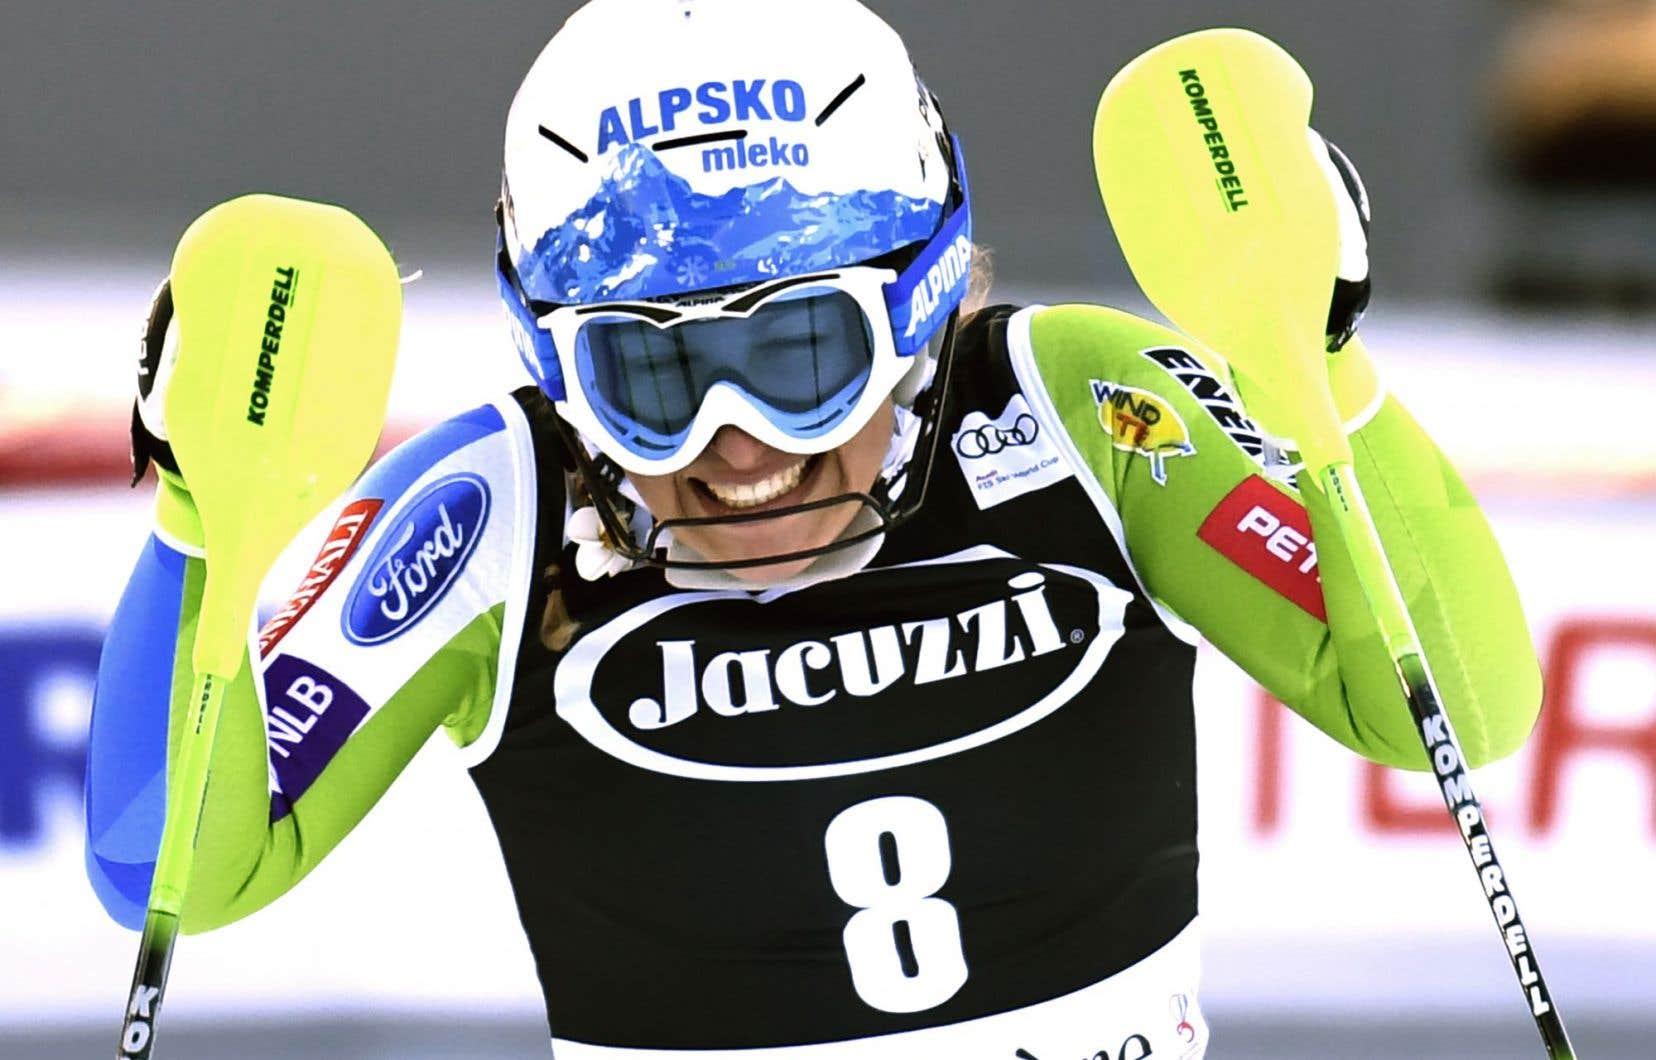 Avant cette saison, Ilka Stuhec ne s'était jamais classée mieux que quatrième.